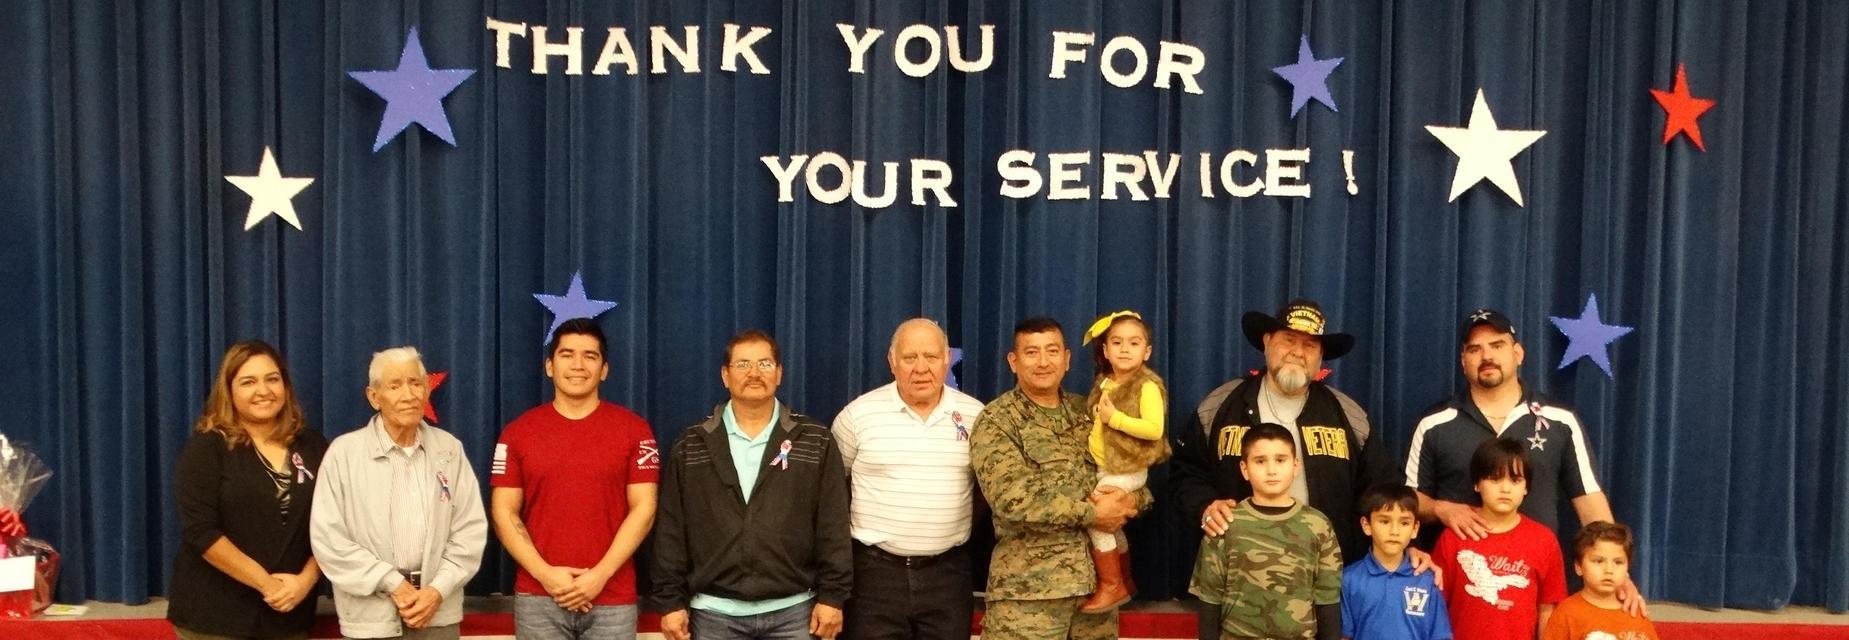 Honoring our Veterans at the Veterans Day Program